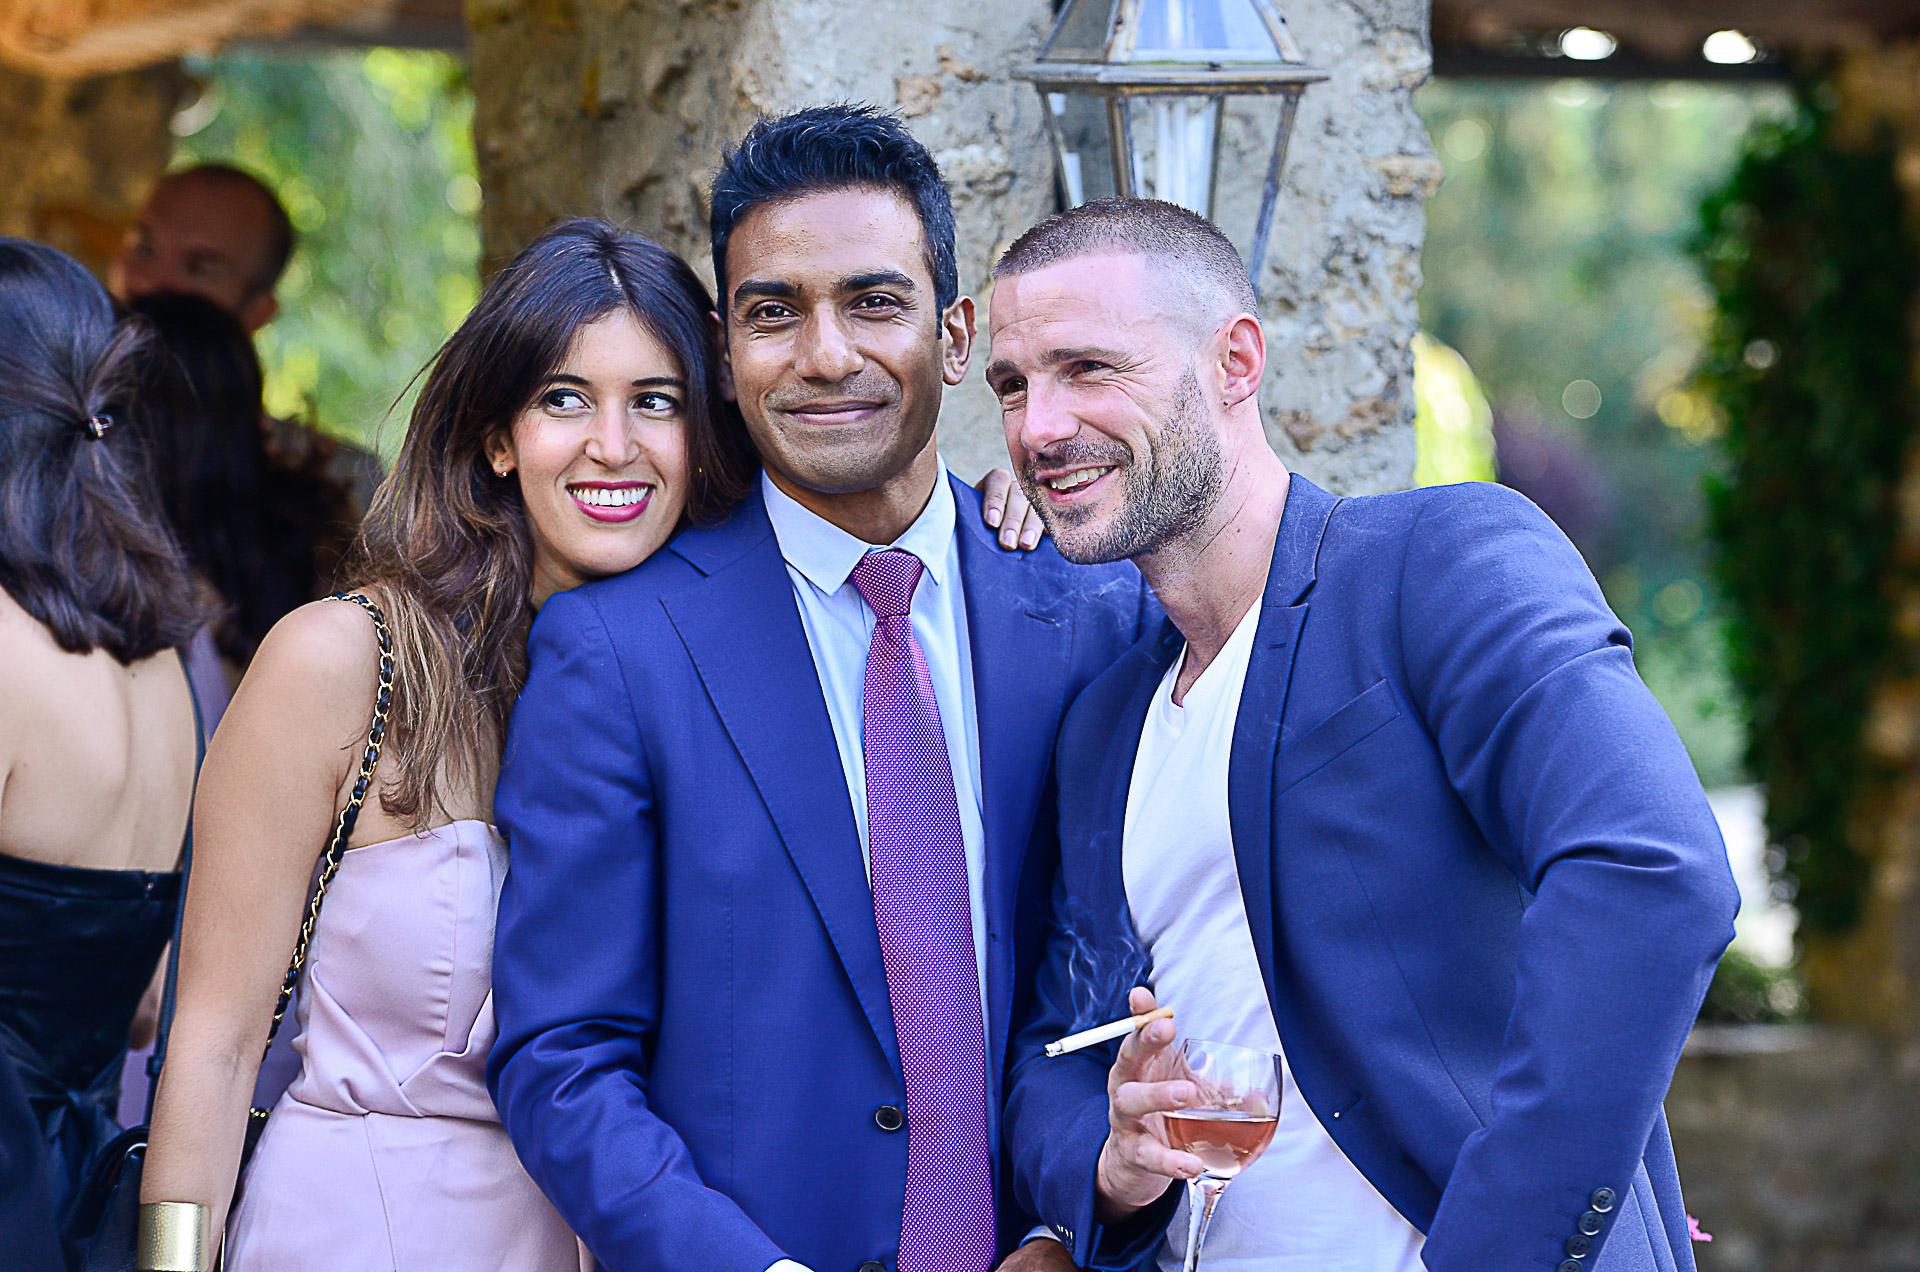 photographe-mariage-ile-de-france-cocktail-portraits-inivites